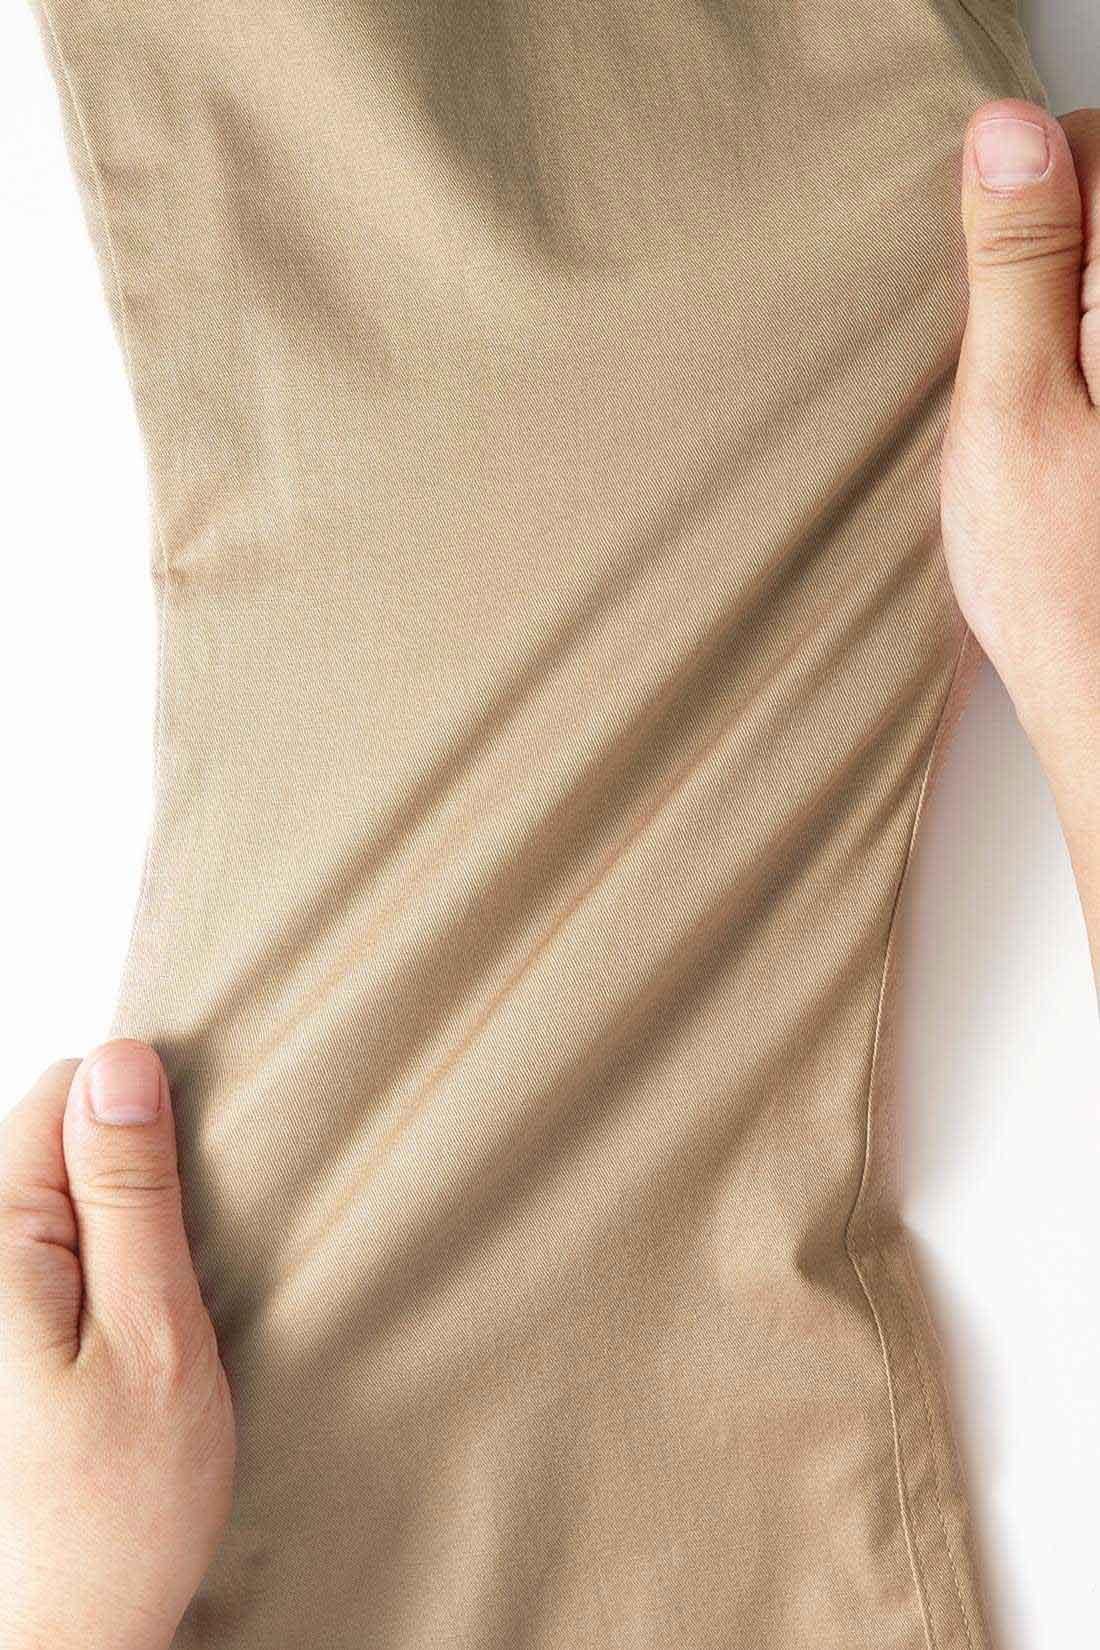 表面は伸縮性のいい薄手のコットンストレッチ素材を使用した伸びやかなはき心地です。